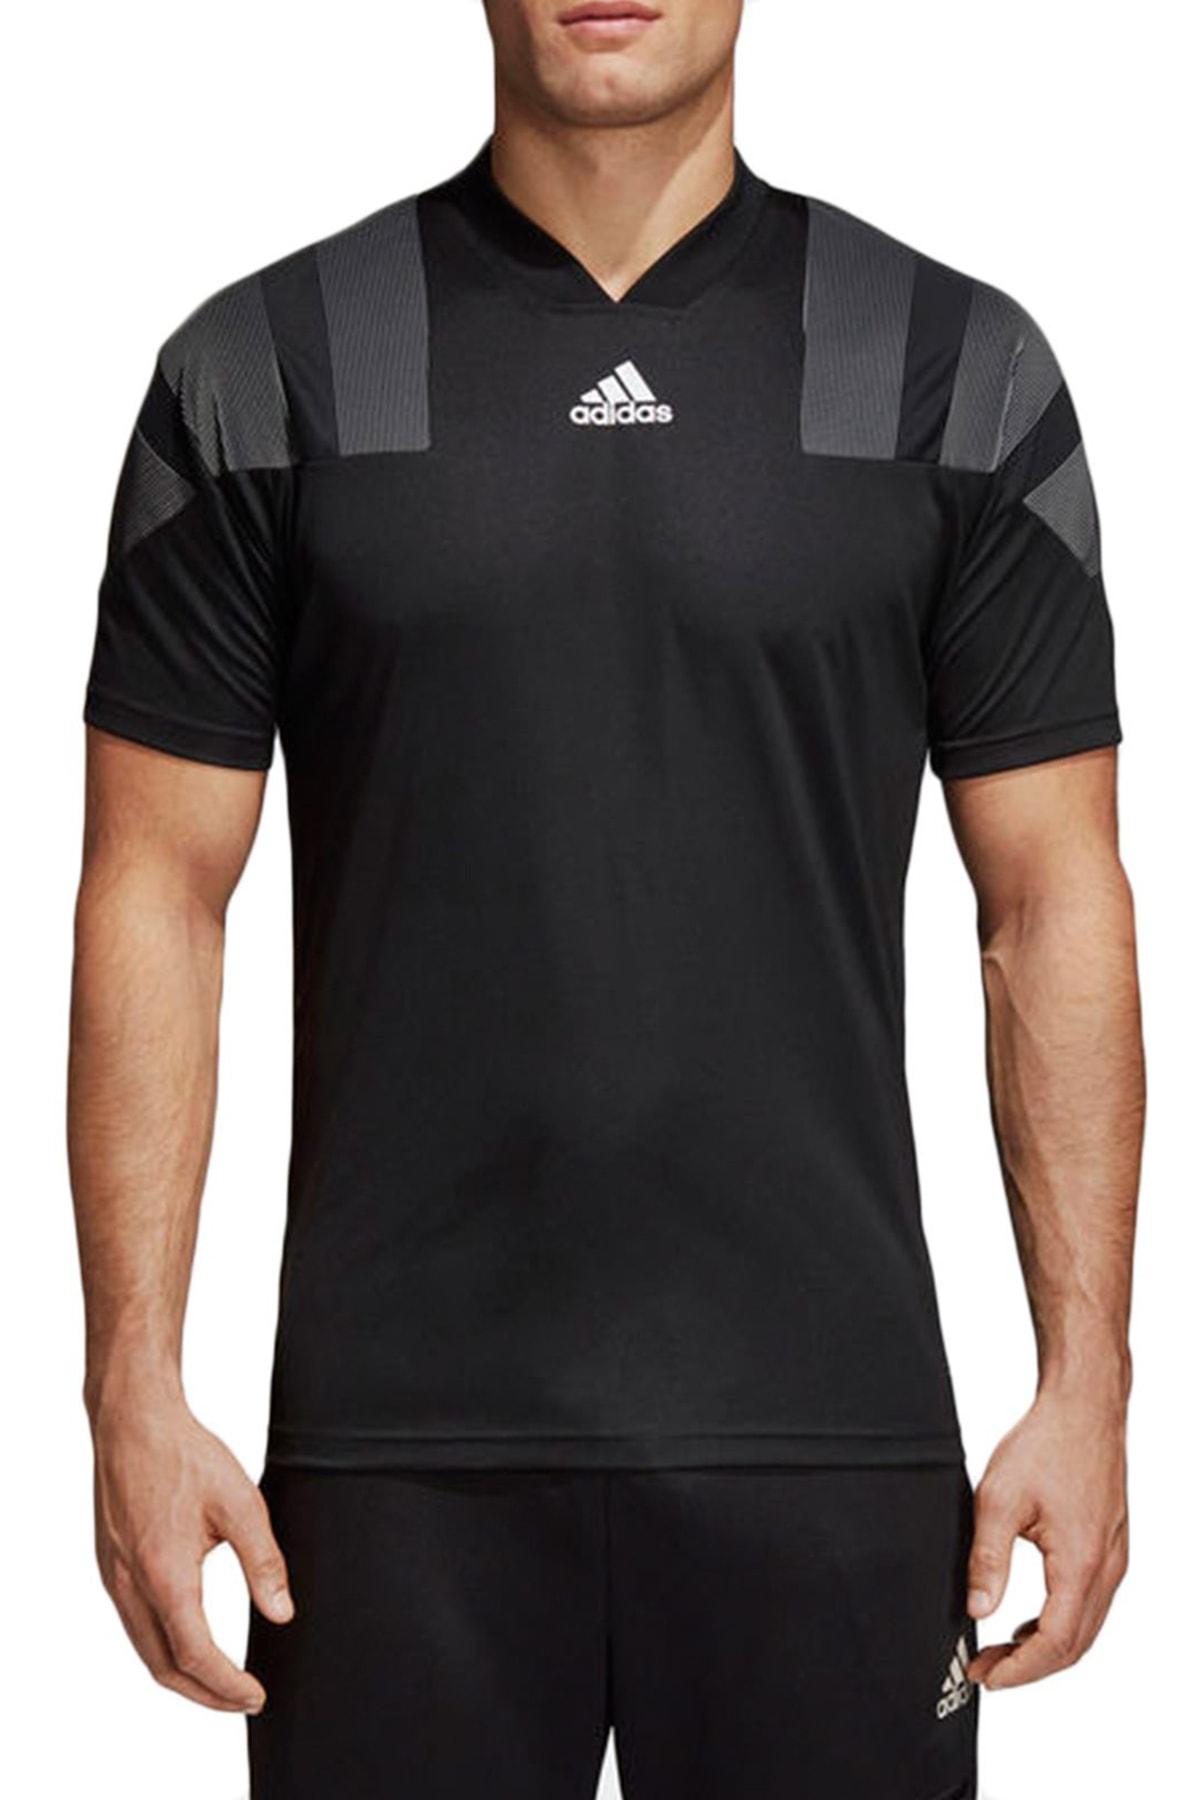 adidas Erkek T-shirt - Tanis Str Jsy - CG1795